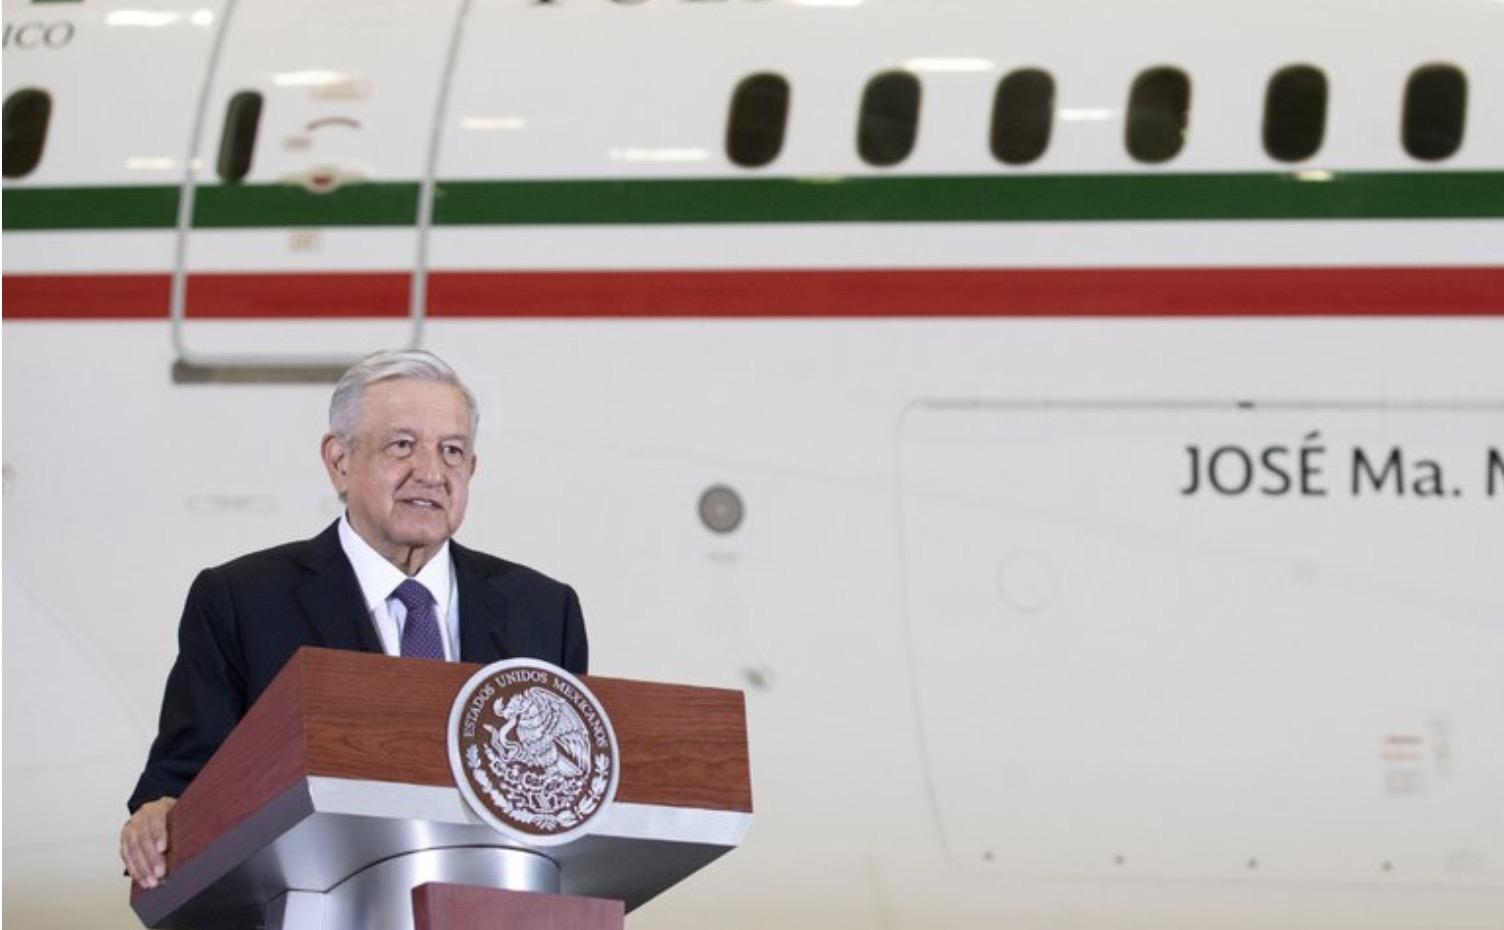 Ante caída de México, AMLO desvía atención a avión presidencial